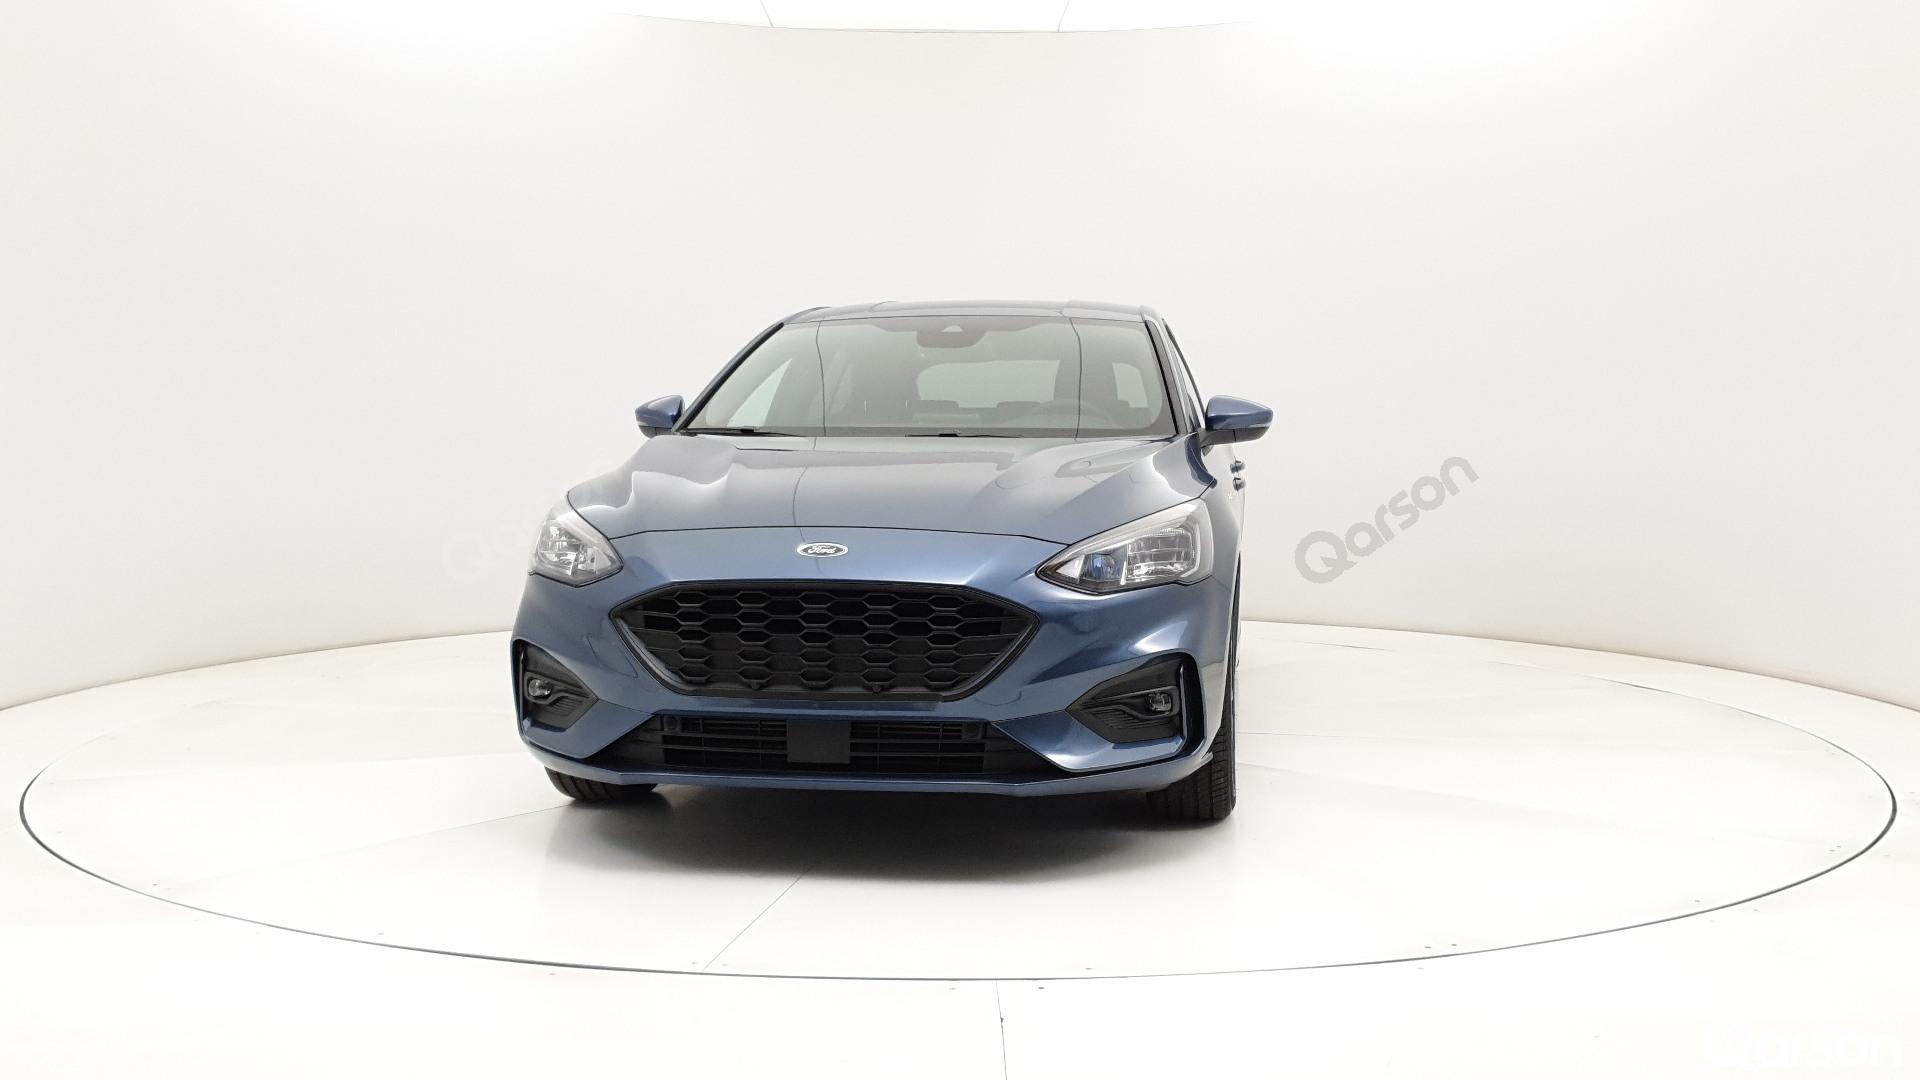 Ford Focus 5D Widok przodu samochodu lewy bok 10 stopni